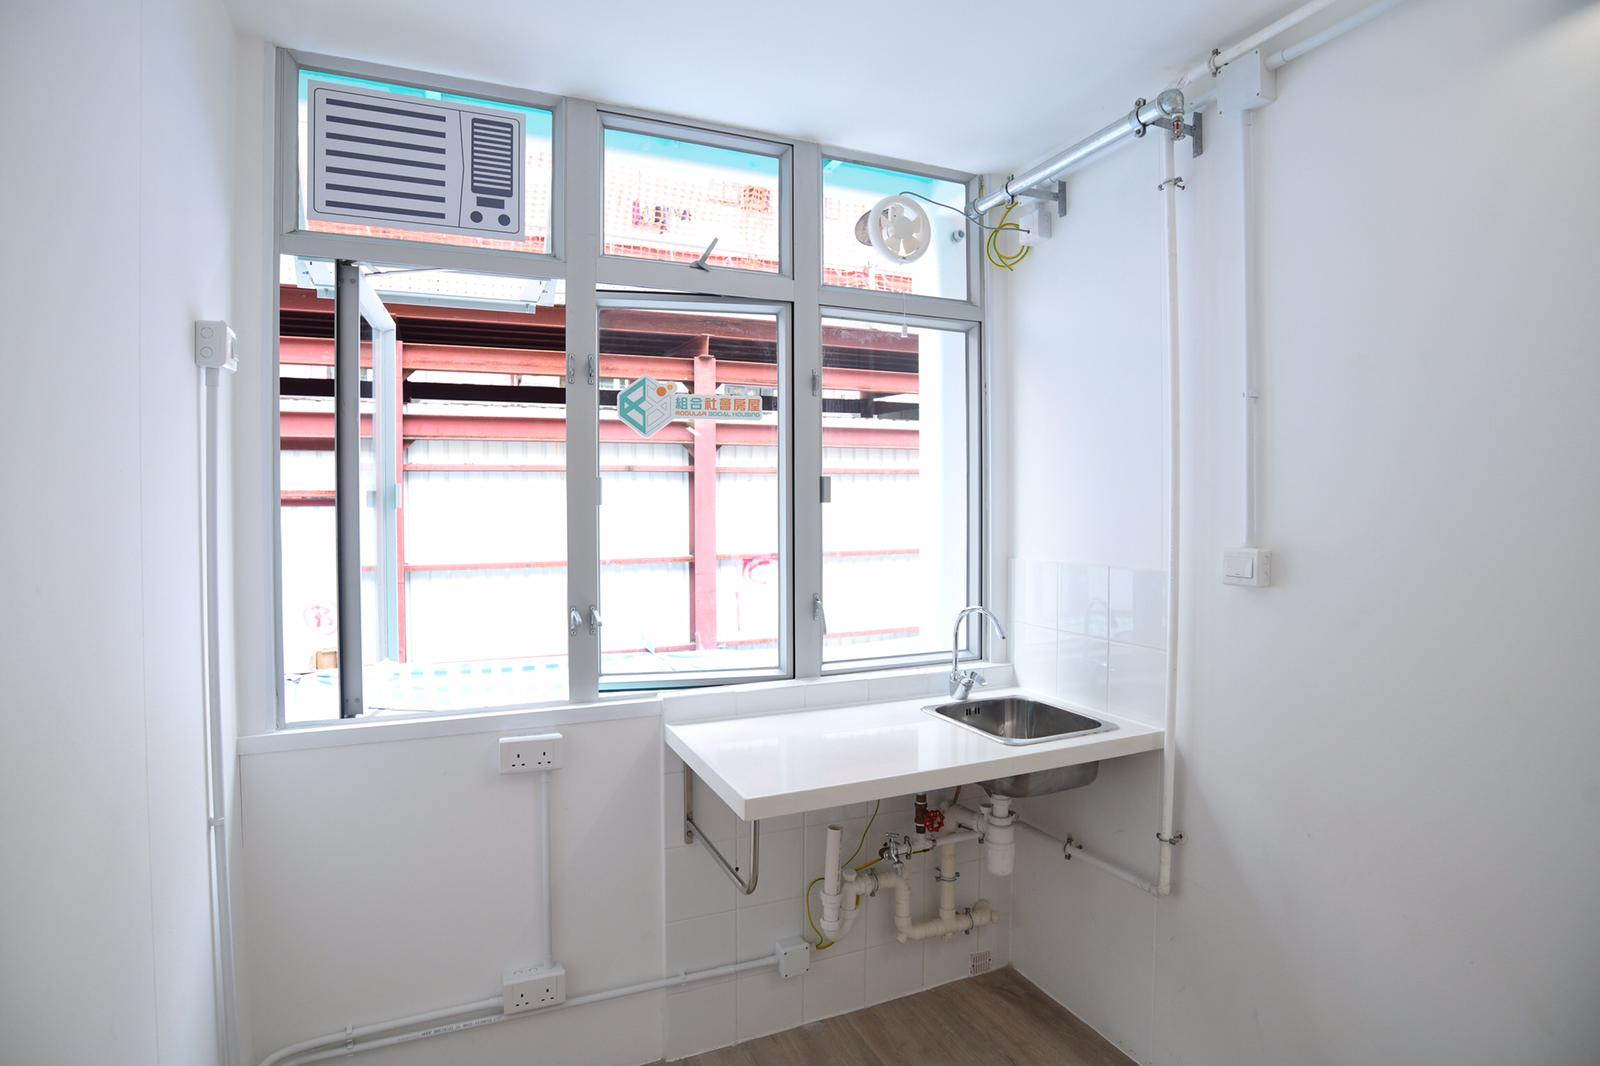 社联首个深水埗南昌街组合屋项目 明年第二季入伙